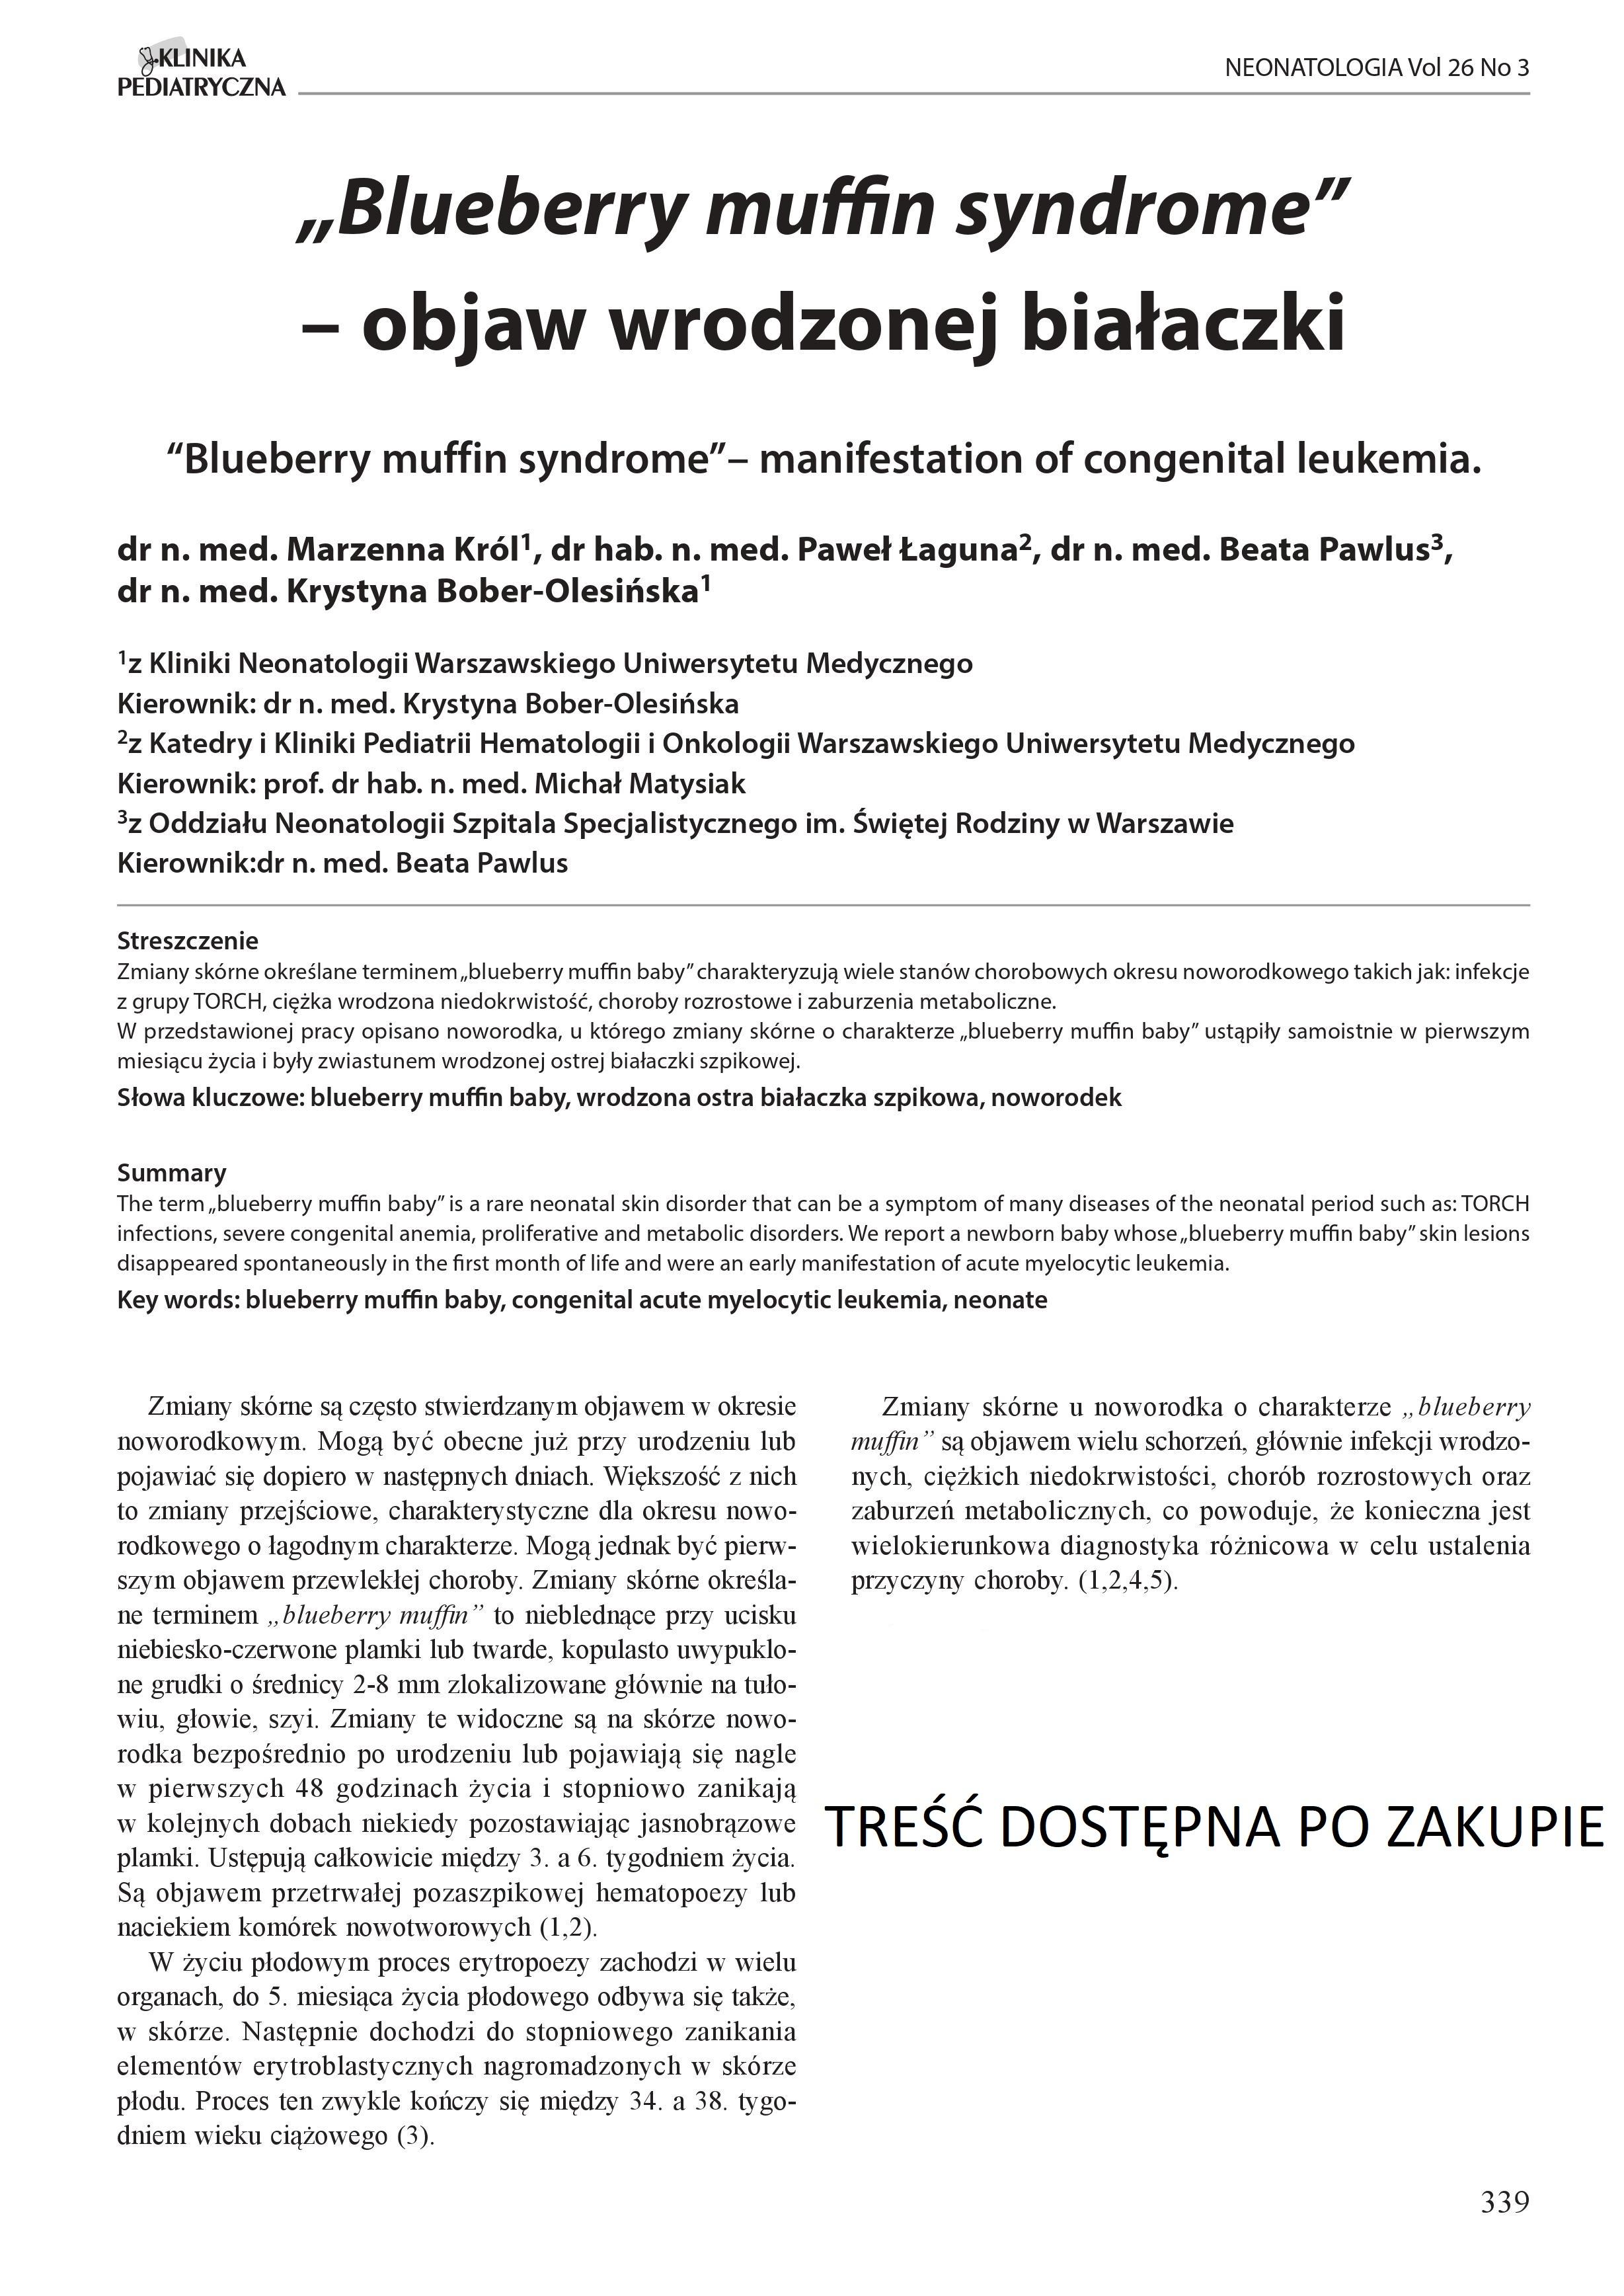 """KP 3/2018 """"Blueberry muffin syndrome"""" - objaw wrodzonej białaczki"""